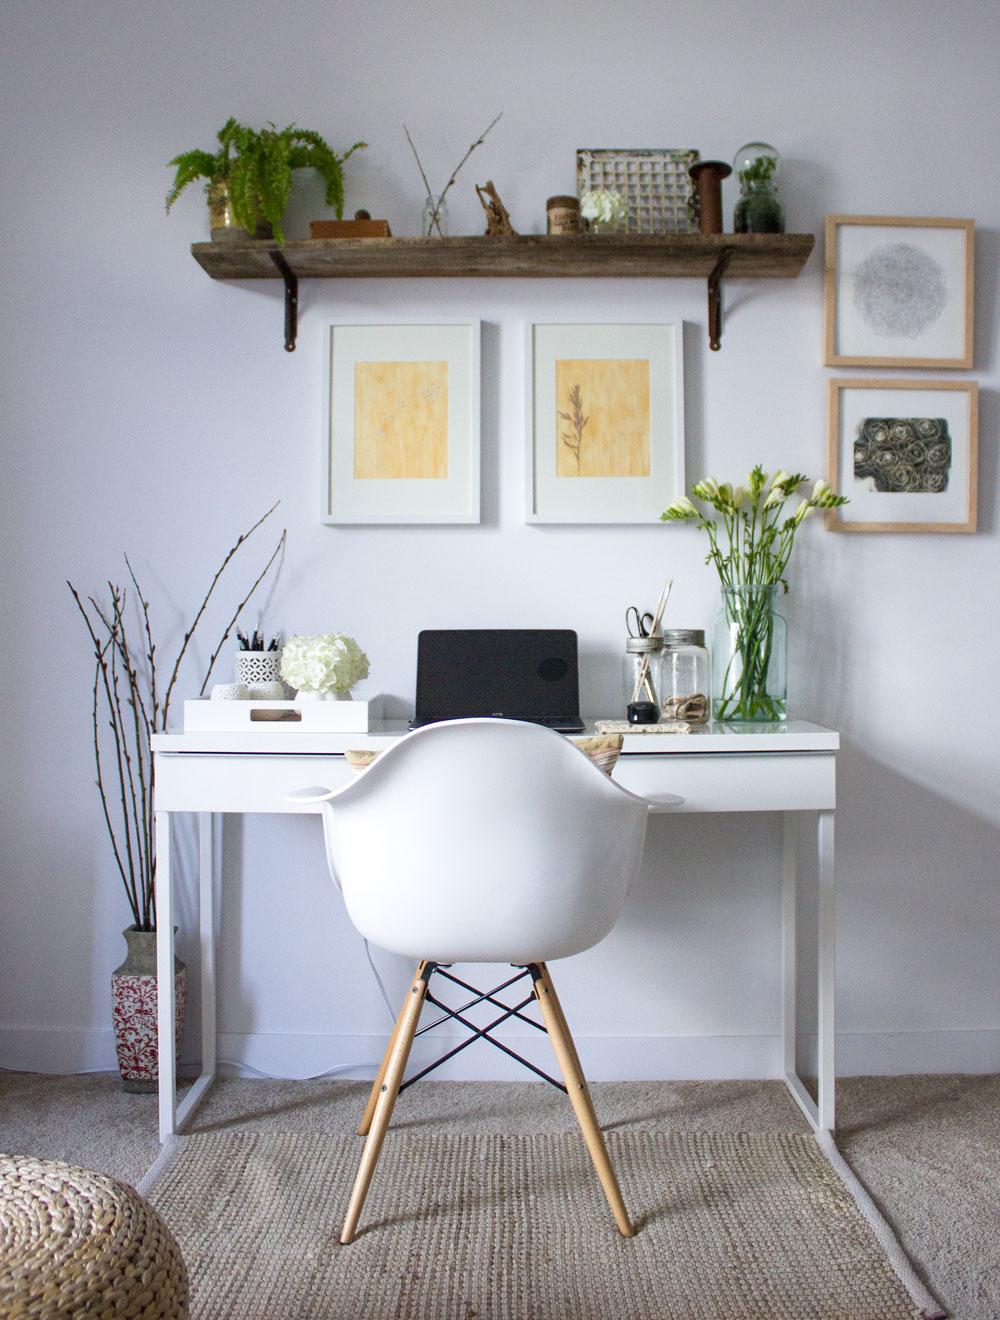 简单的方式来时尚整理您的家庭办公室